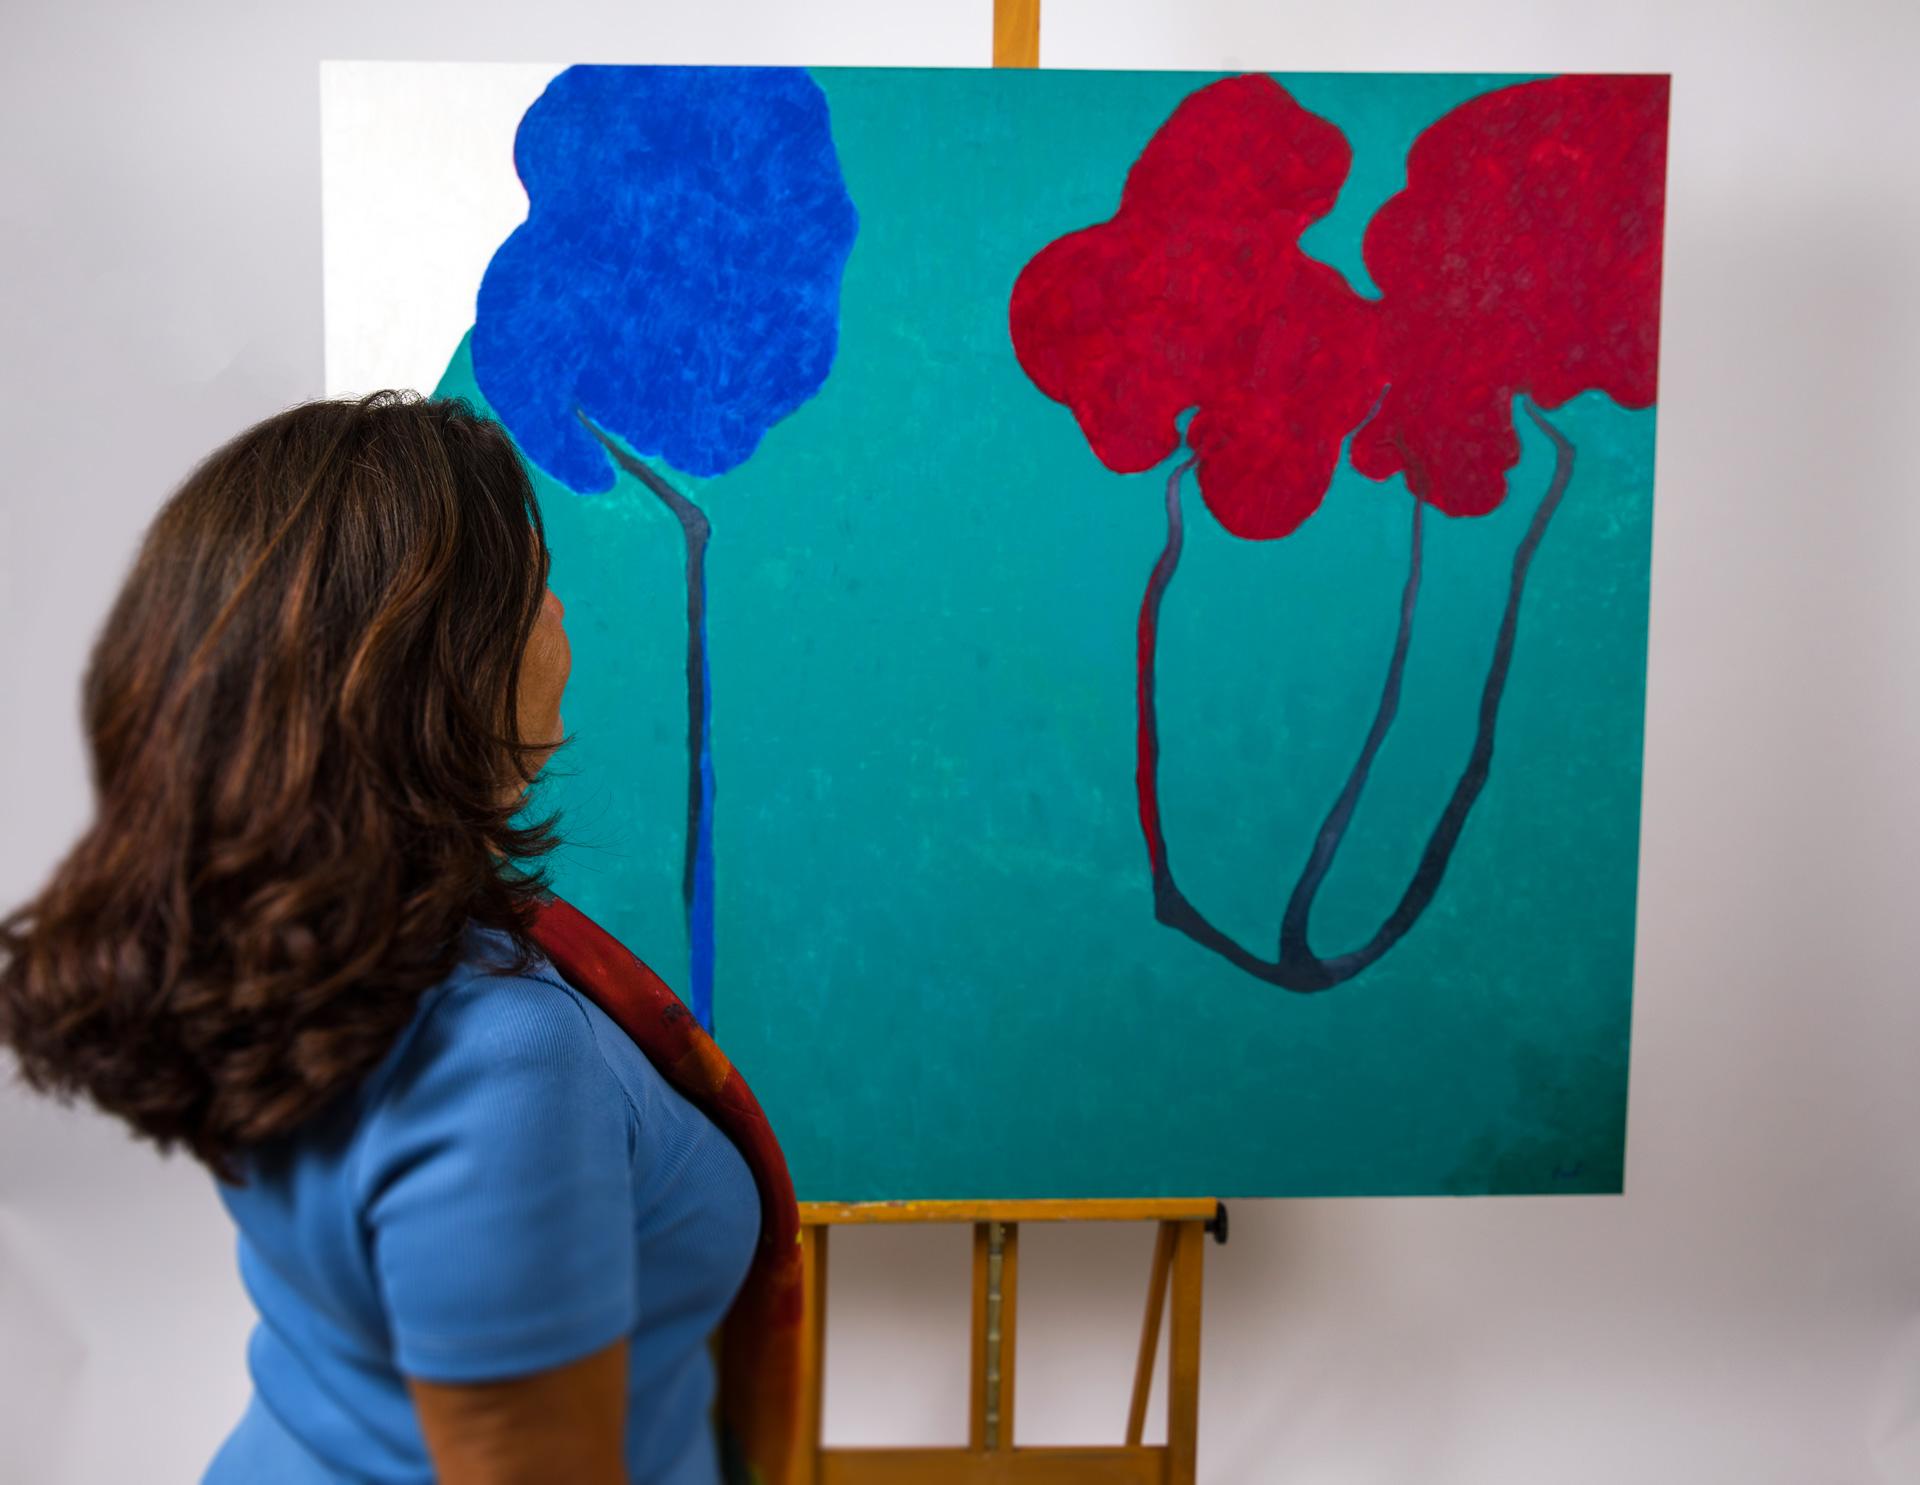 Maryse Casol, painting Ceci N'est Pas Un Arbre VIII, 2011